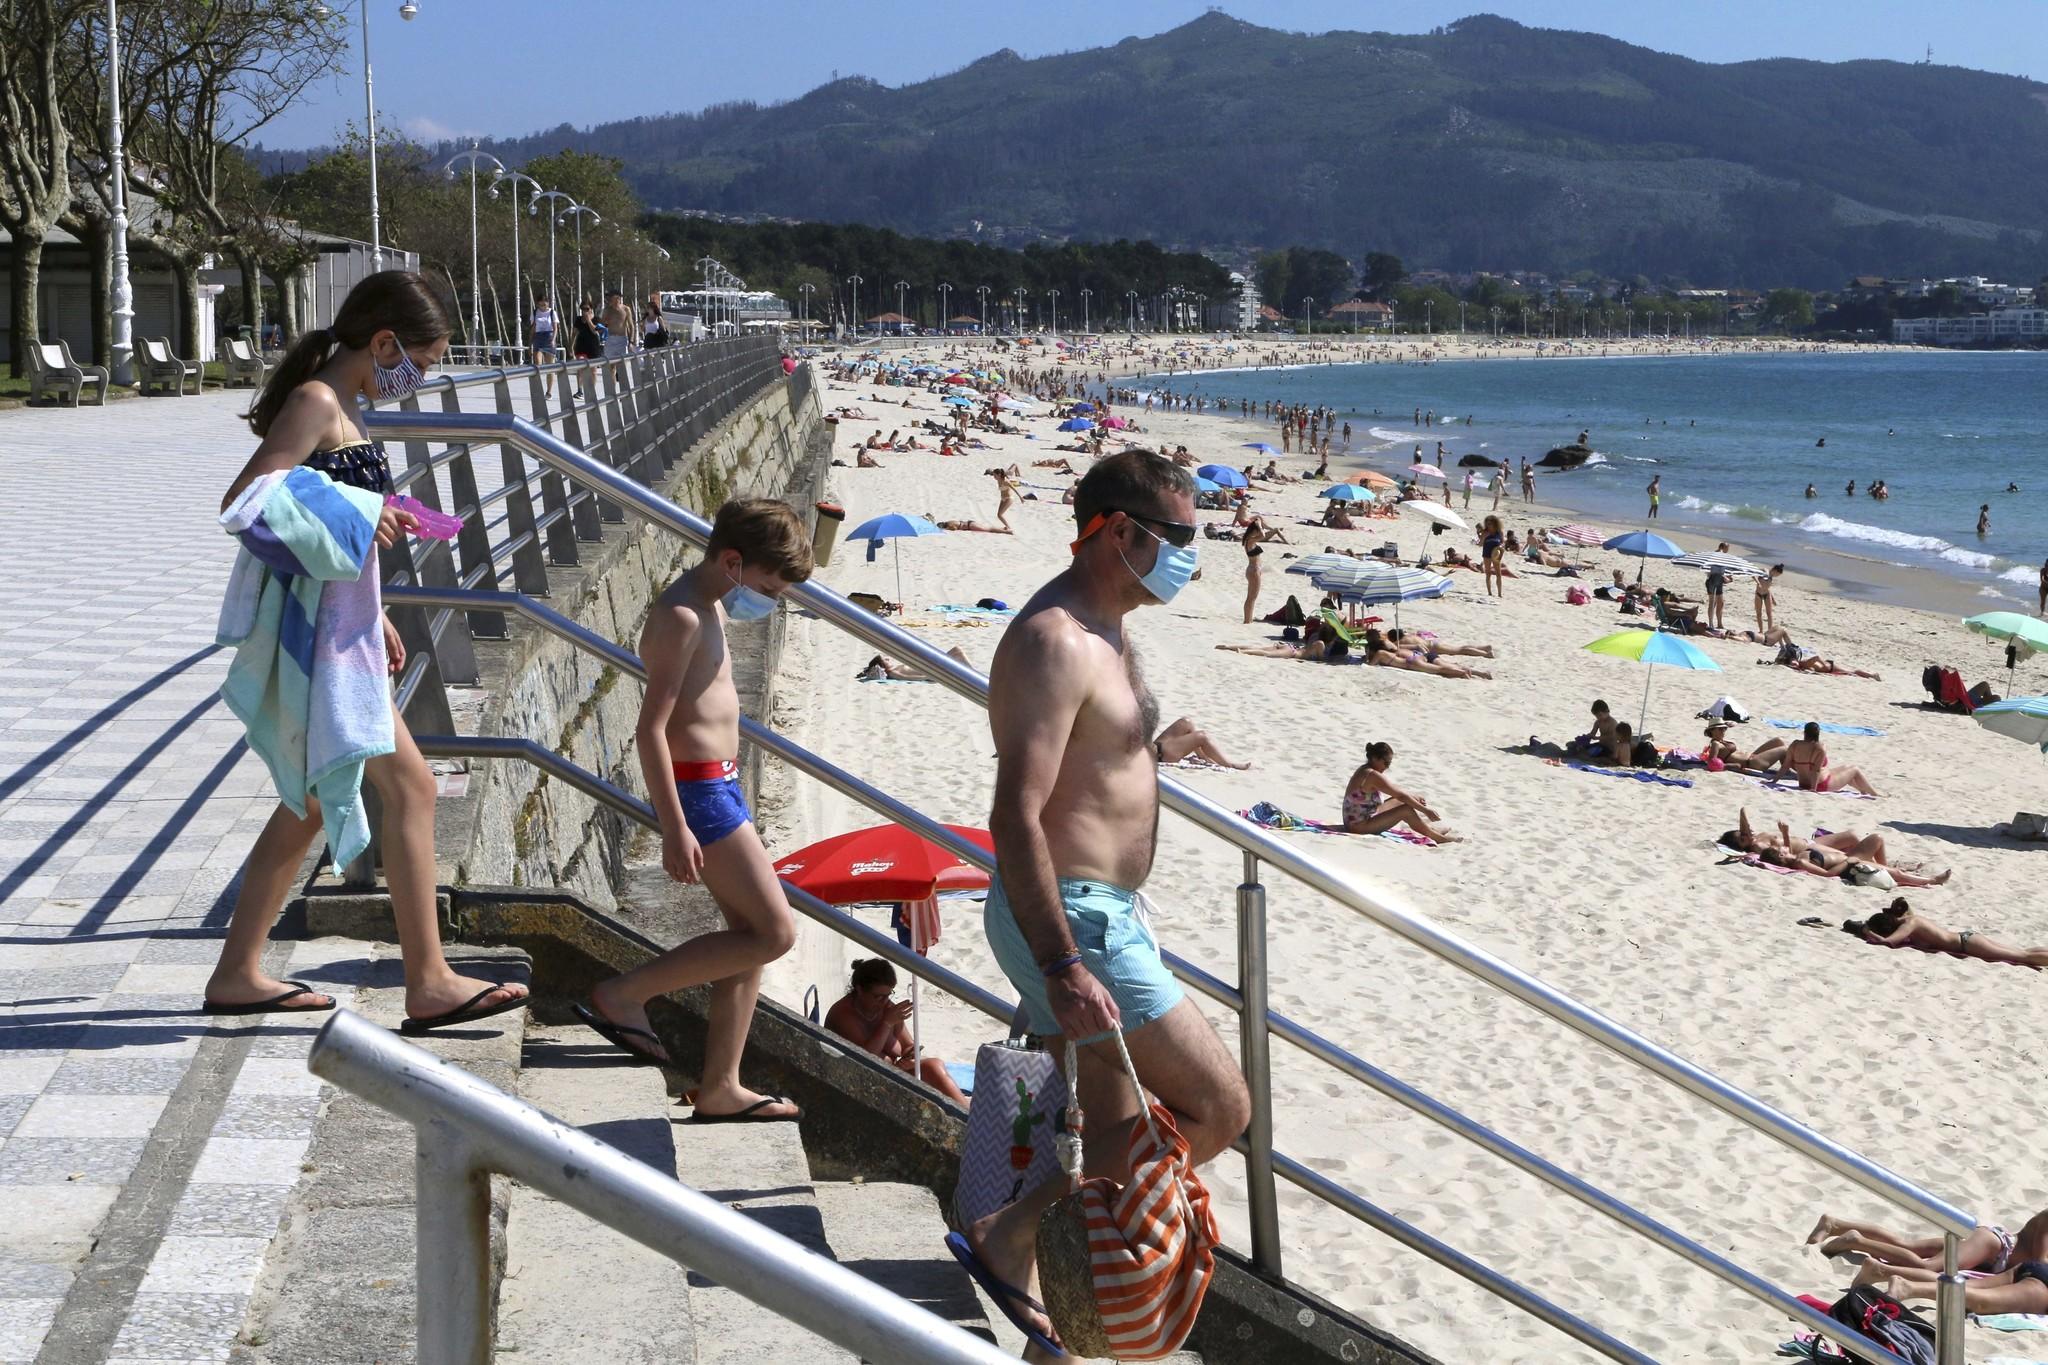 Por qué habrá otra oleada pandémica en verano